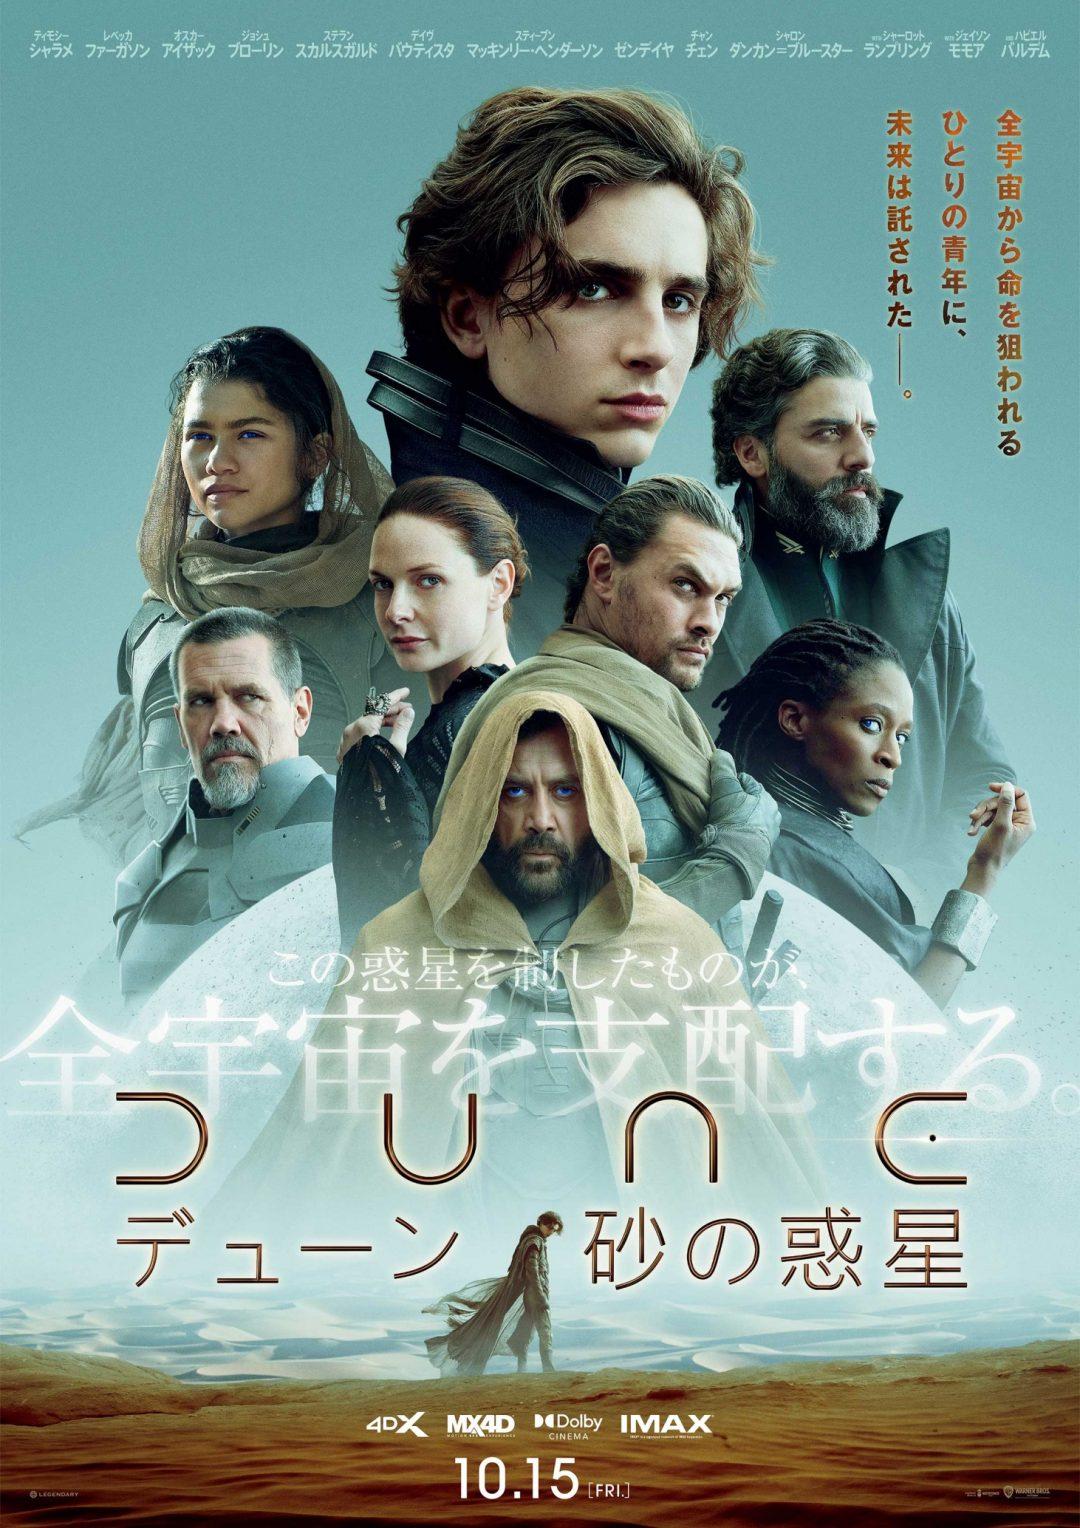 映画『DUNE / デューン 砂の惑星』ティモシー・シャラメからの日本限定メッセージも収録された15秒SPOT 3タイプが公開